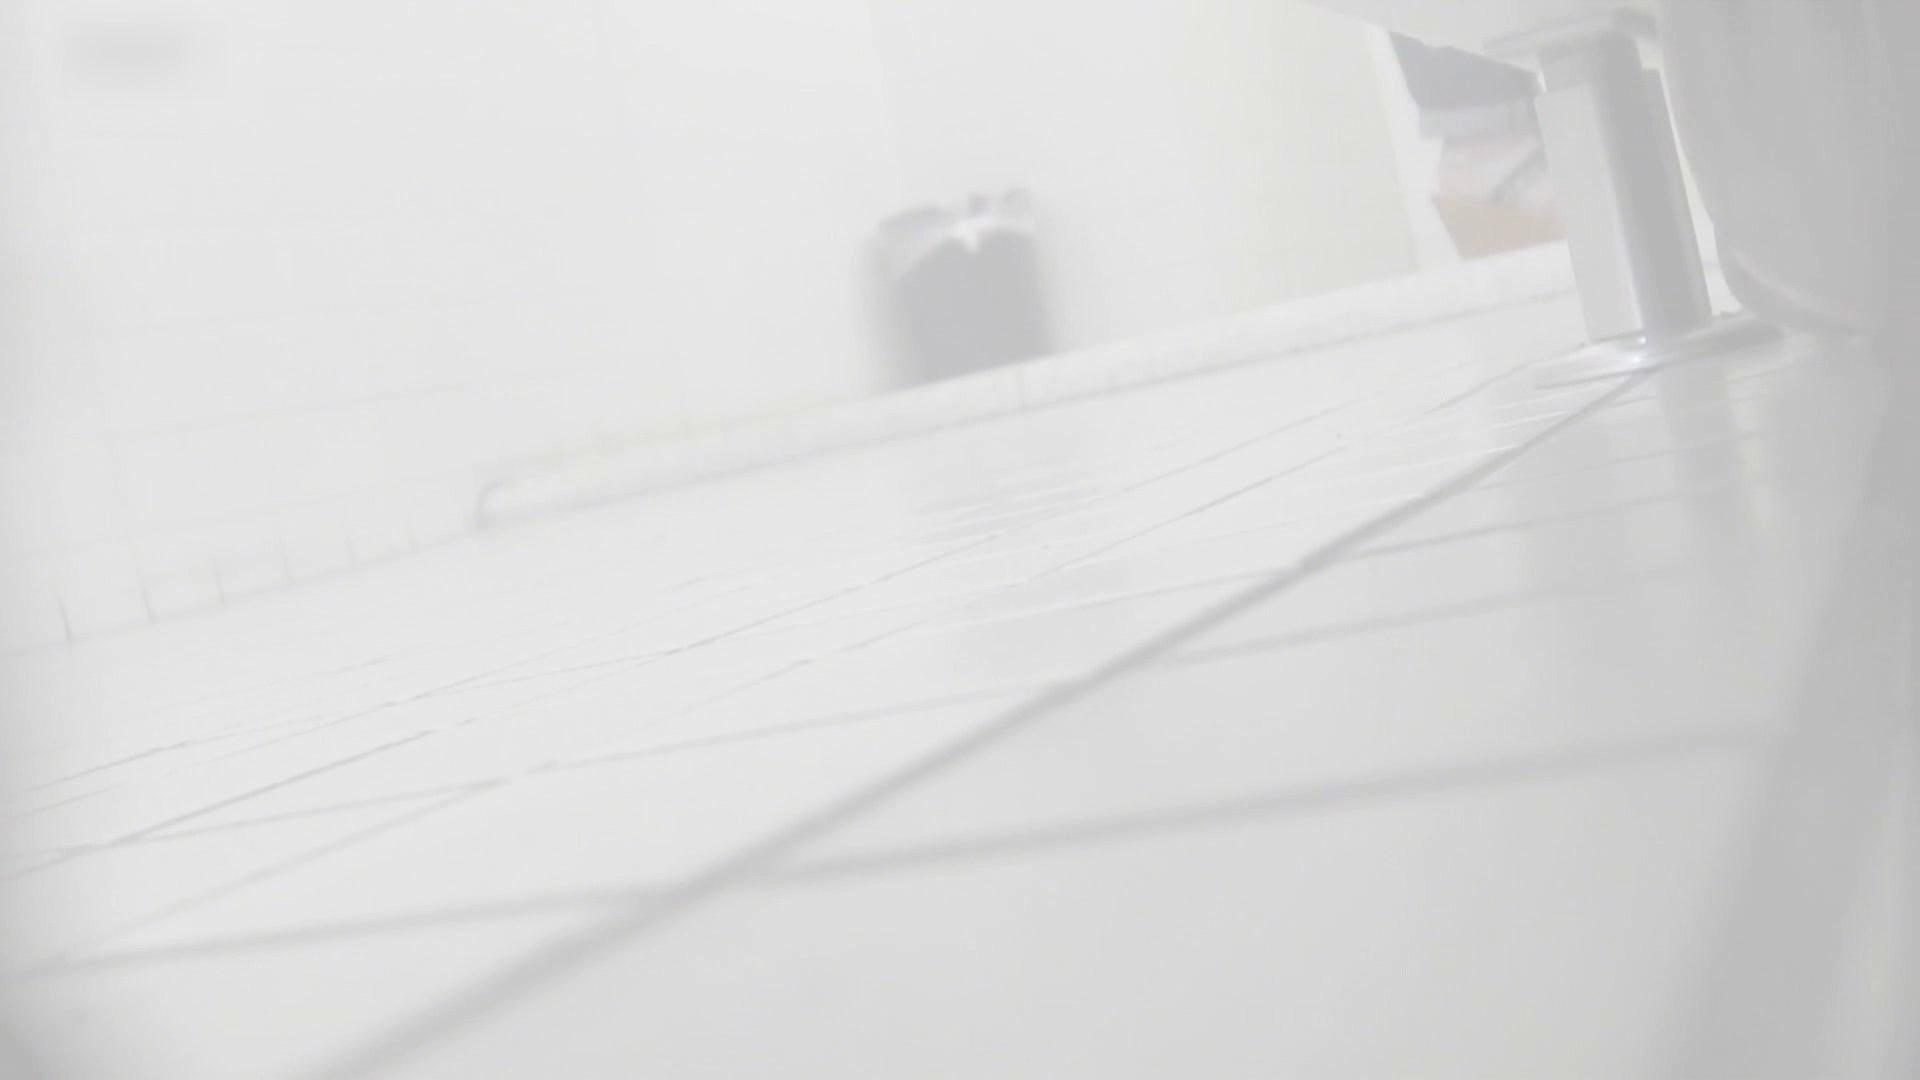 お銀さんの洗面所突入レポート!!vol.73 シリーズ一番エロい尻登場 洗面所編  75PIX 24